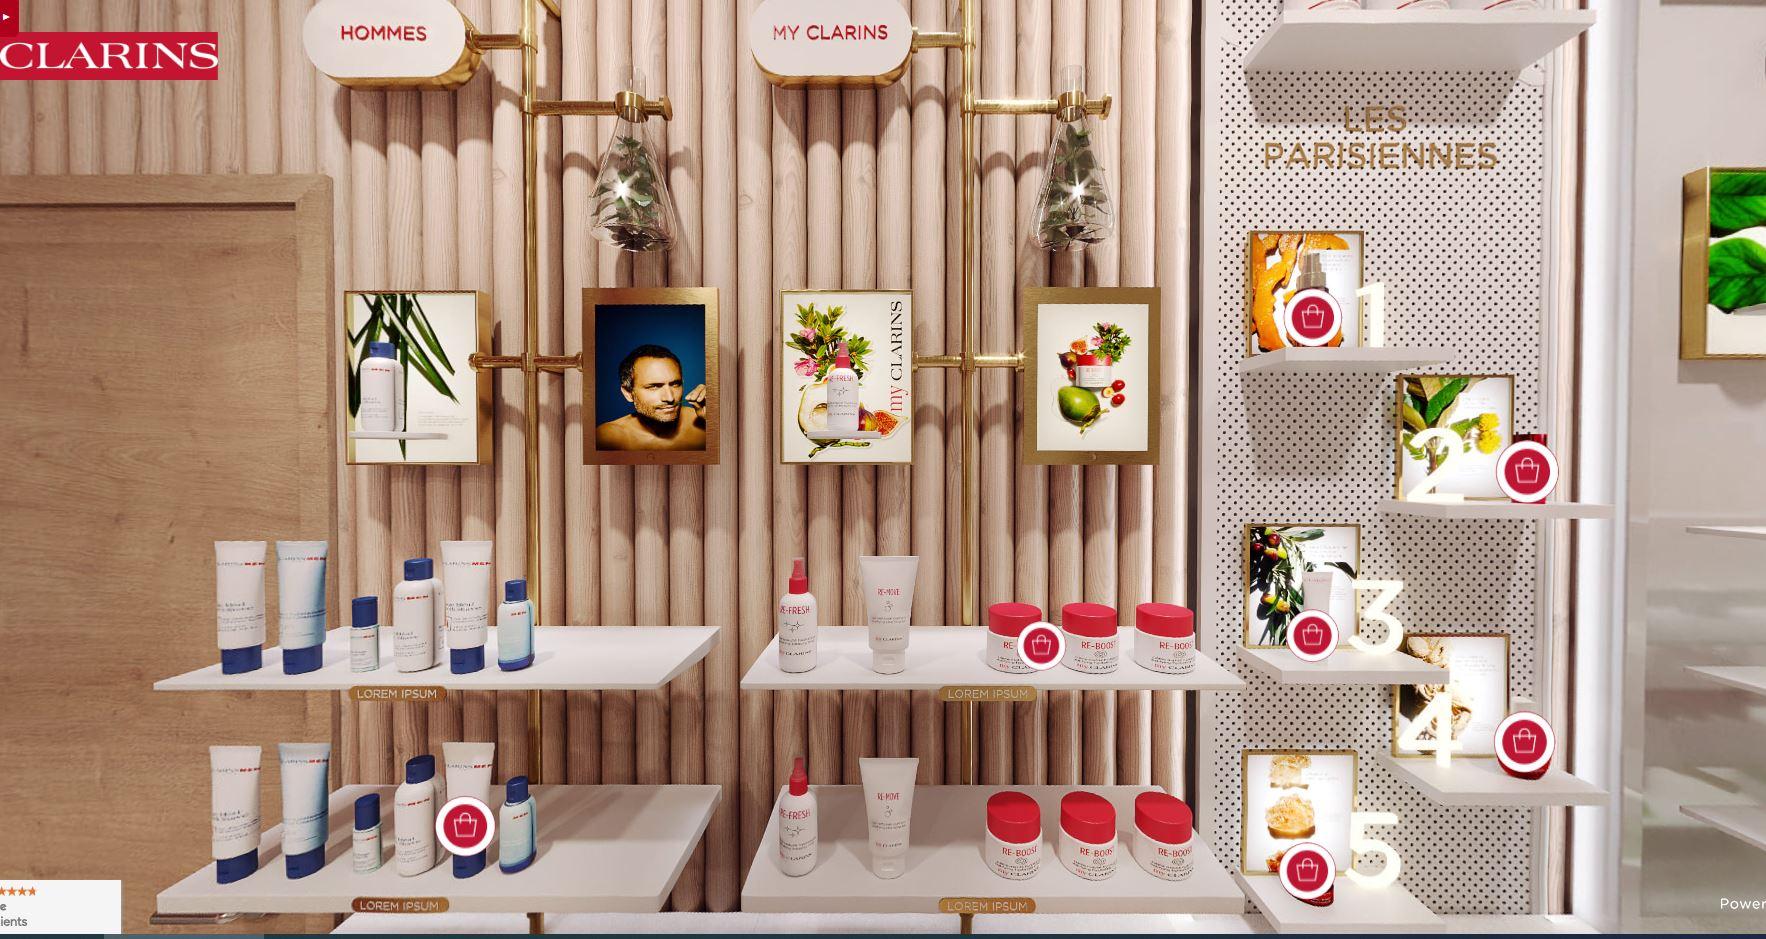 revue beauté visite virtuelle boutique clarins